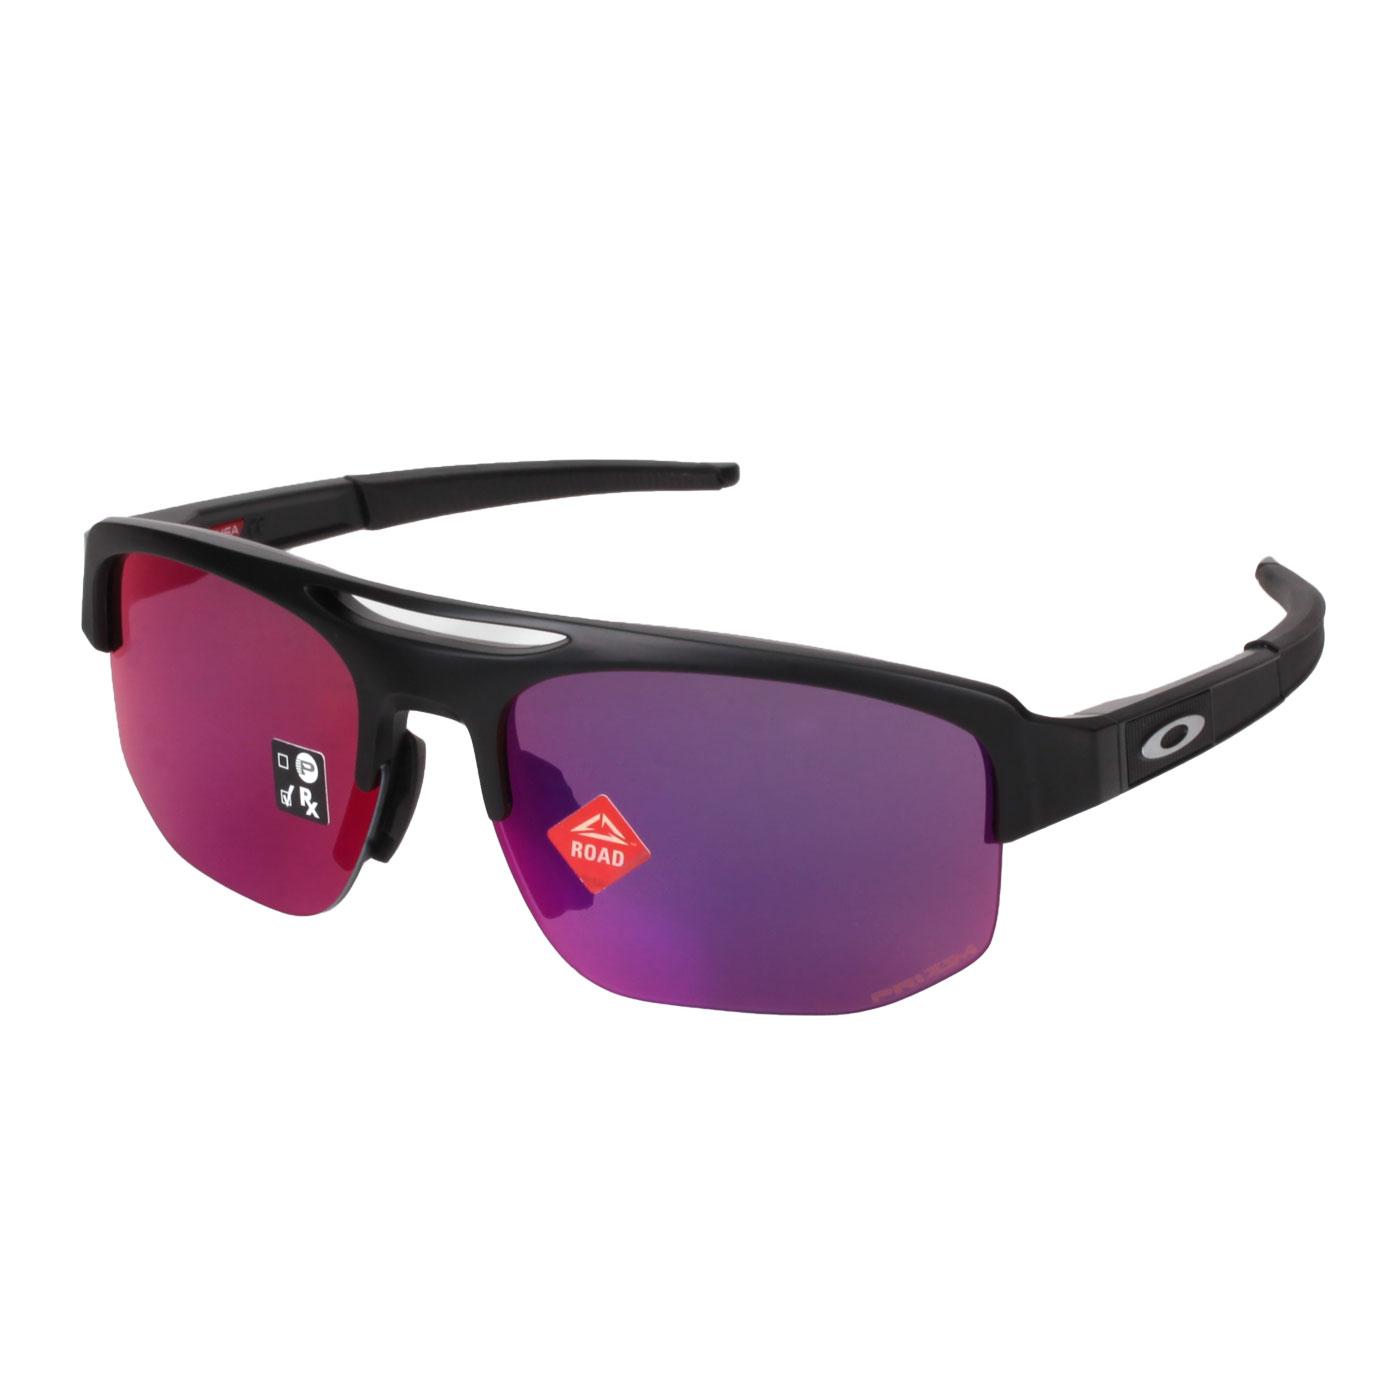 OAKLEY 一般太陽眼鏡 (附硬盒) OAK-OO9424F-1168